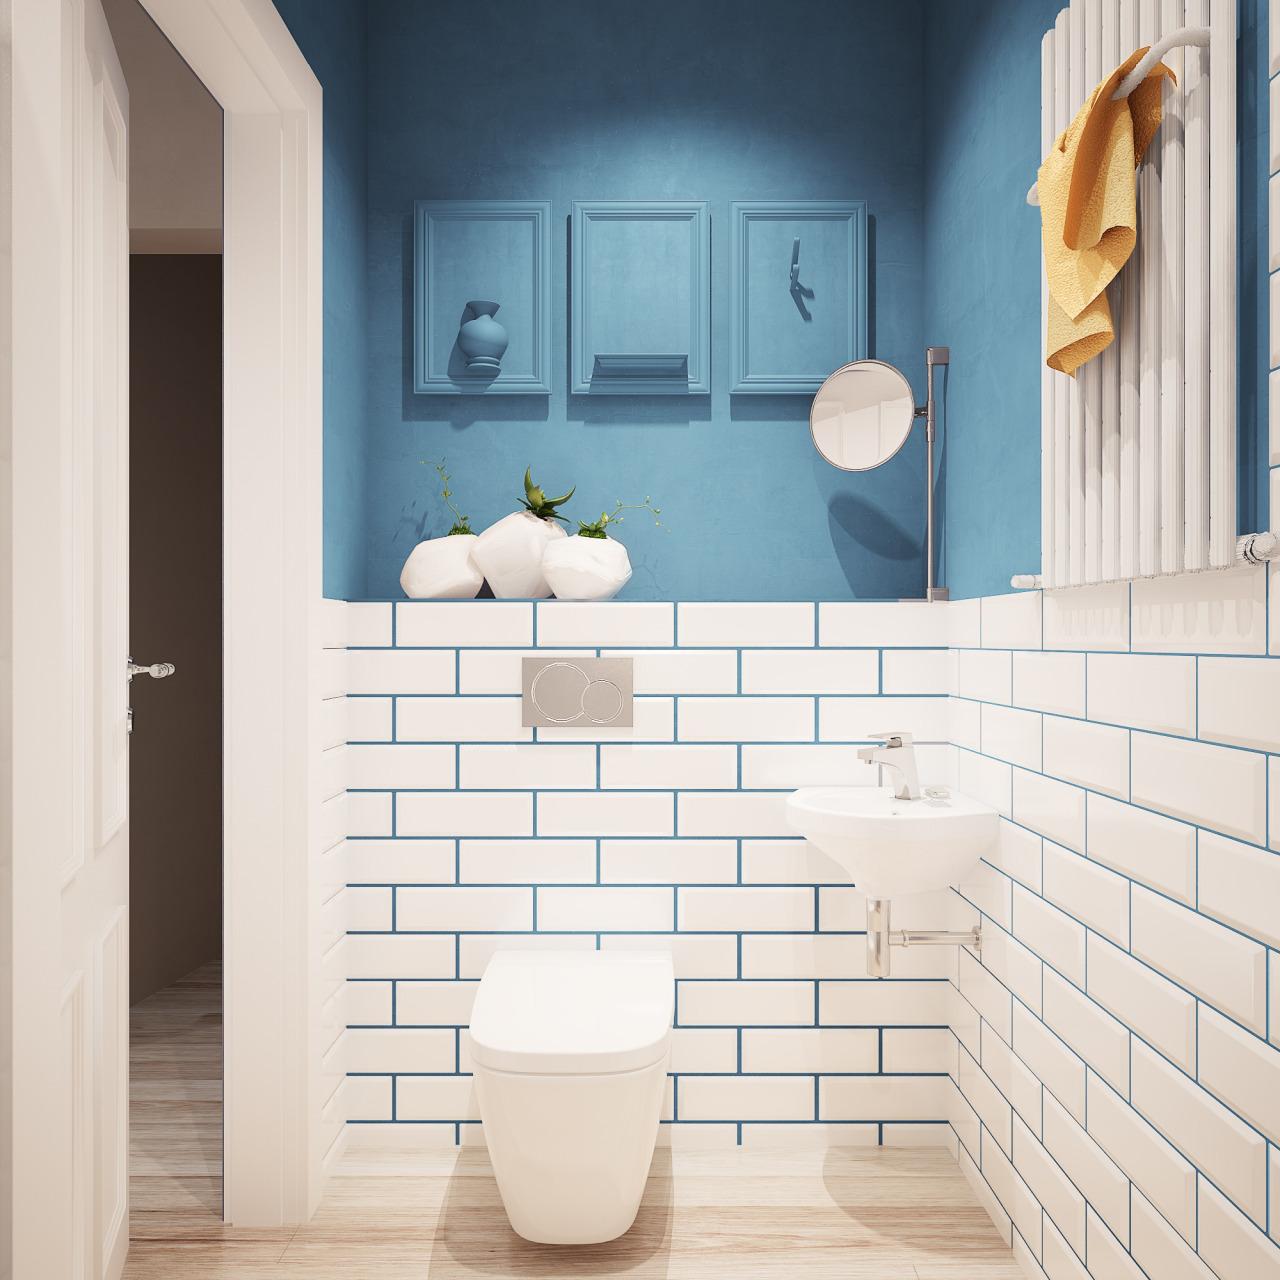 Дизайн ванной комнаты 5 кв.м 2017-2018 современные идеи